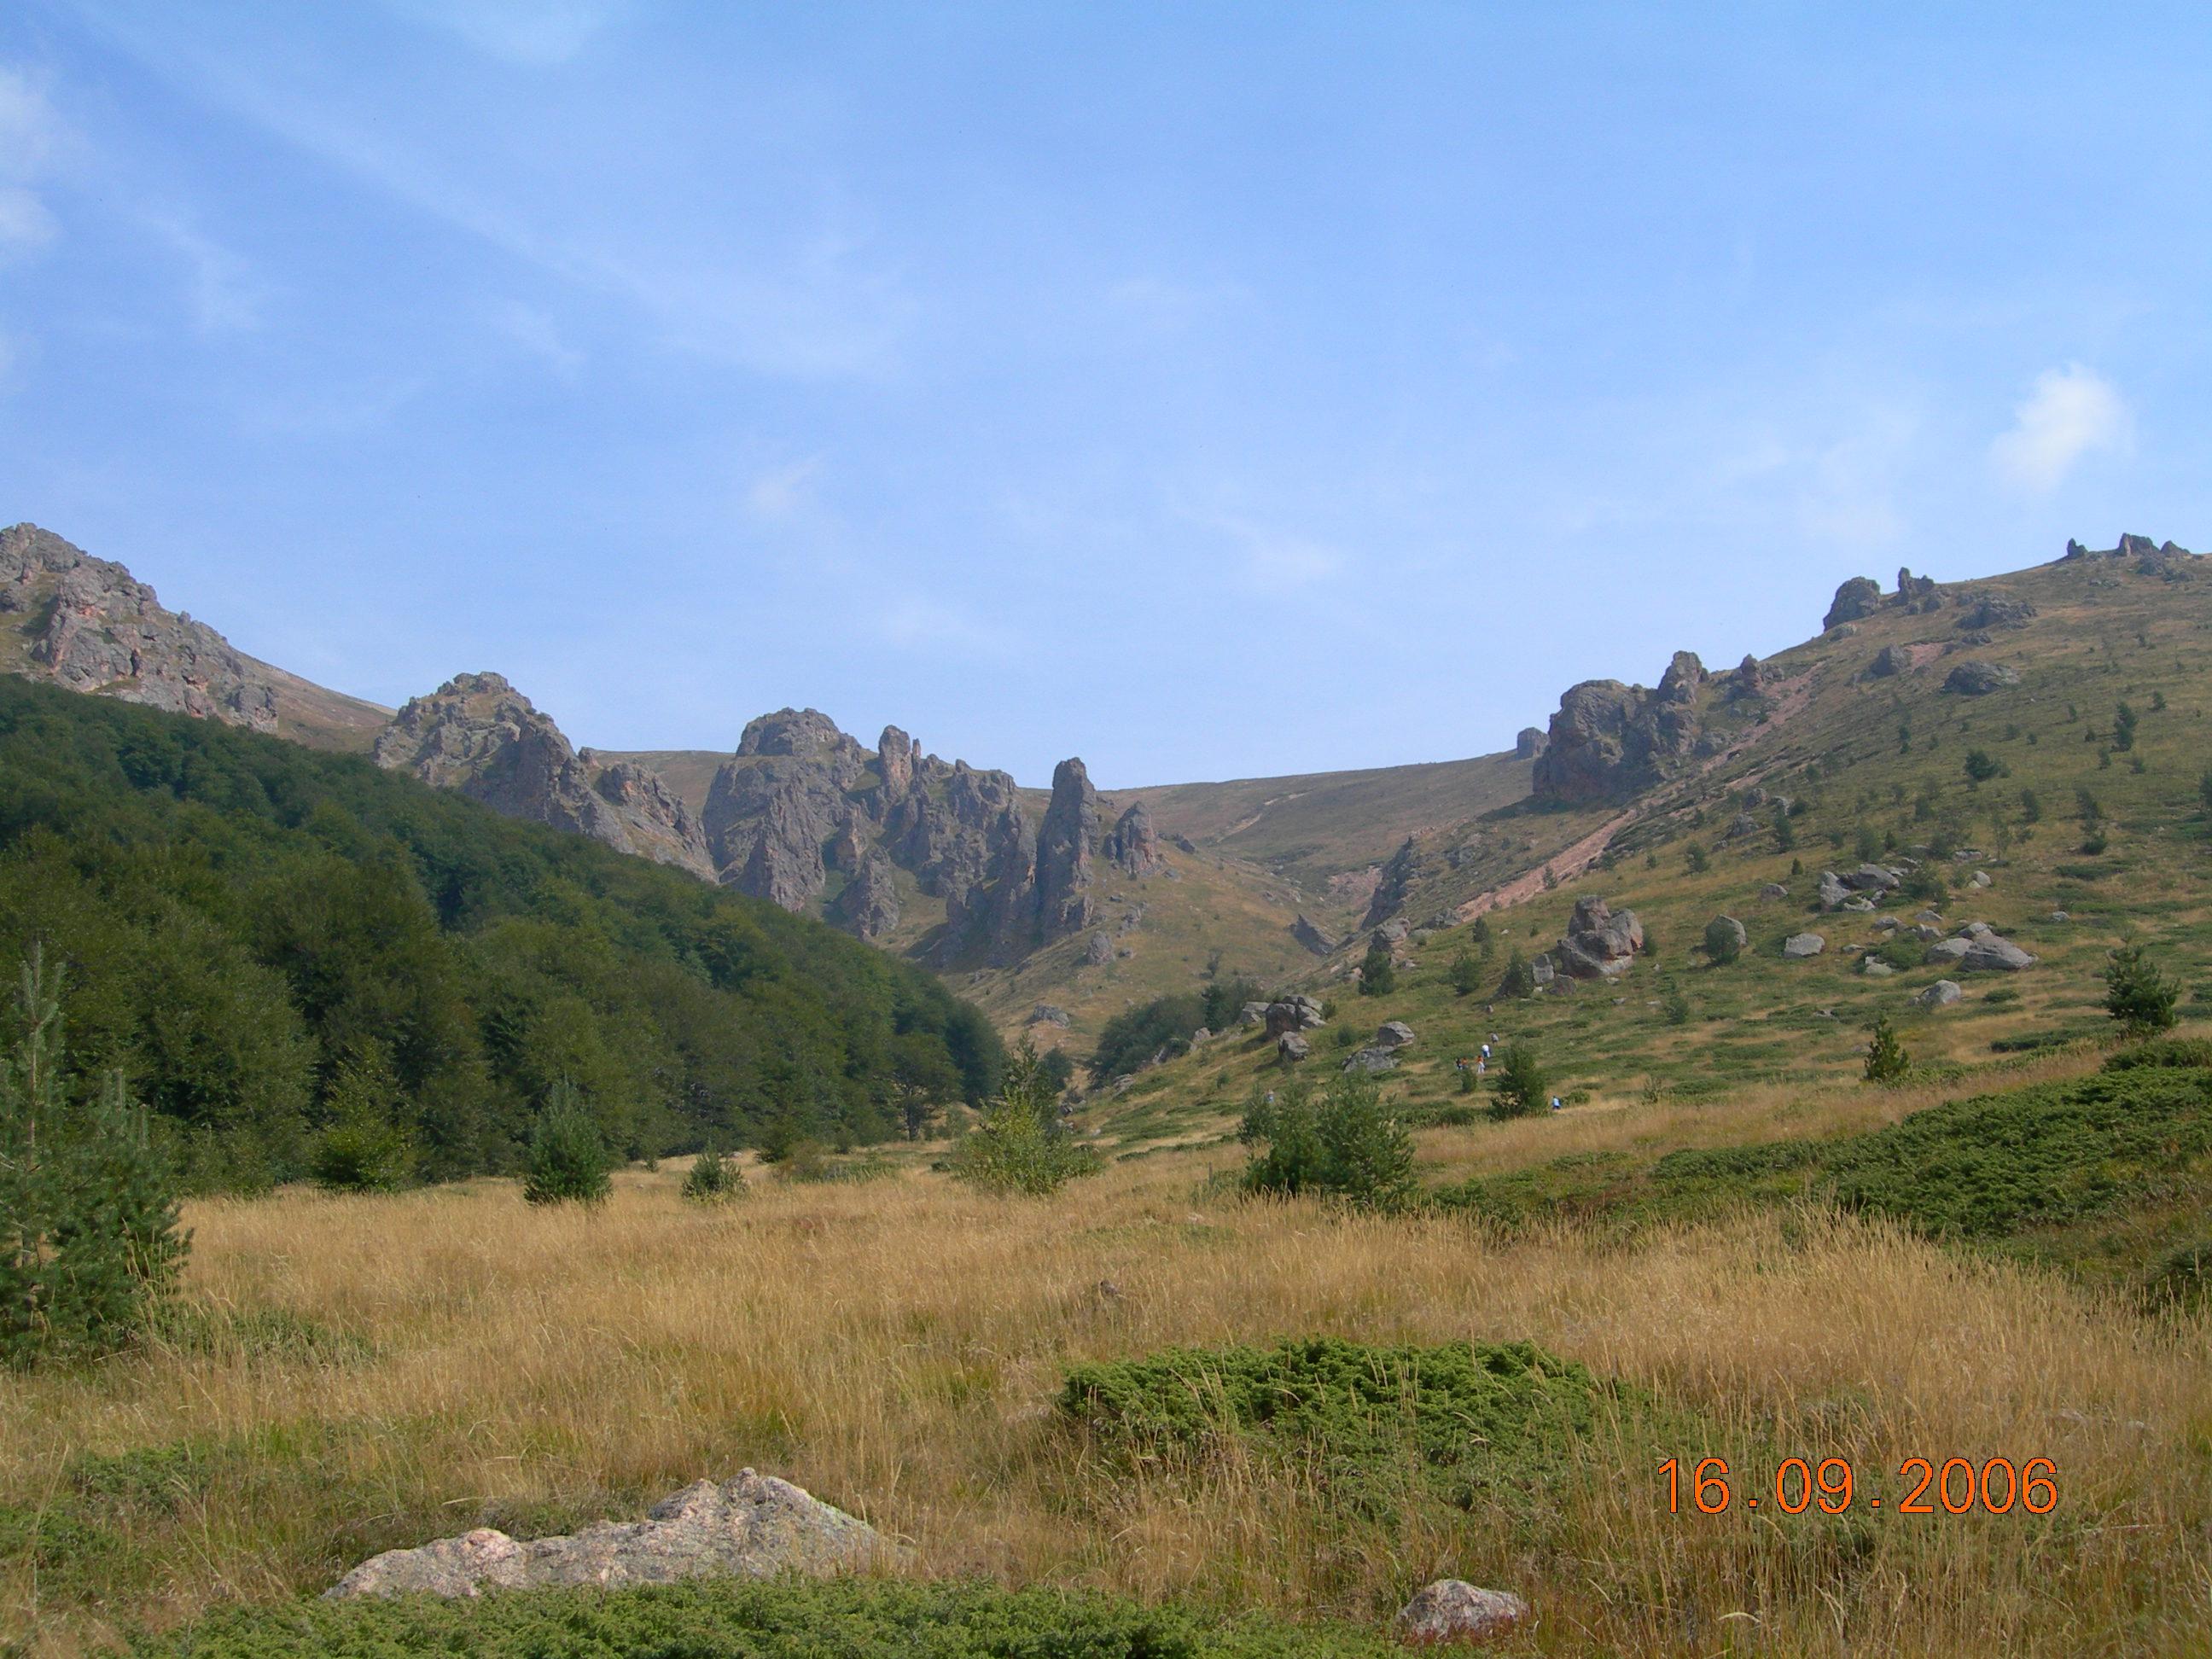 Tsvetelina Kostova-Simova, Bspo06, Cliffs, Green, Landscape, HQ Photo